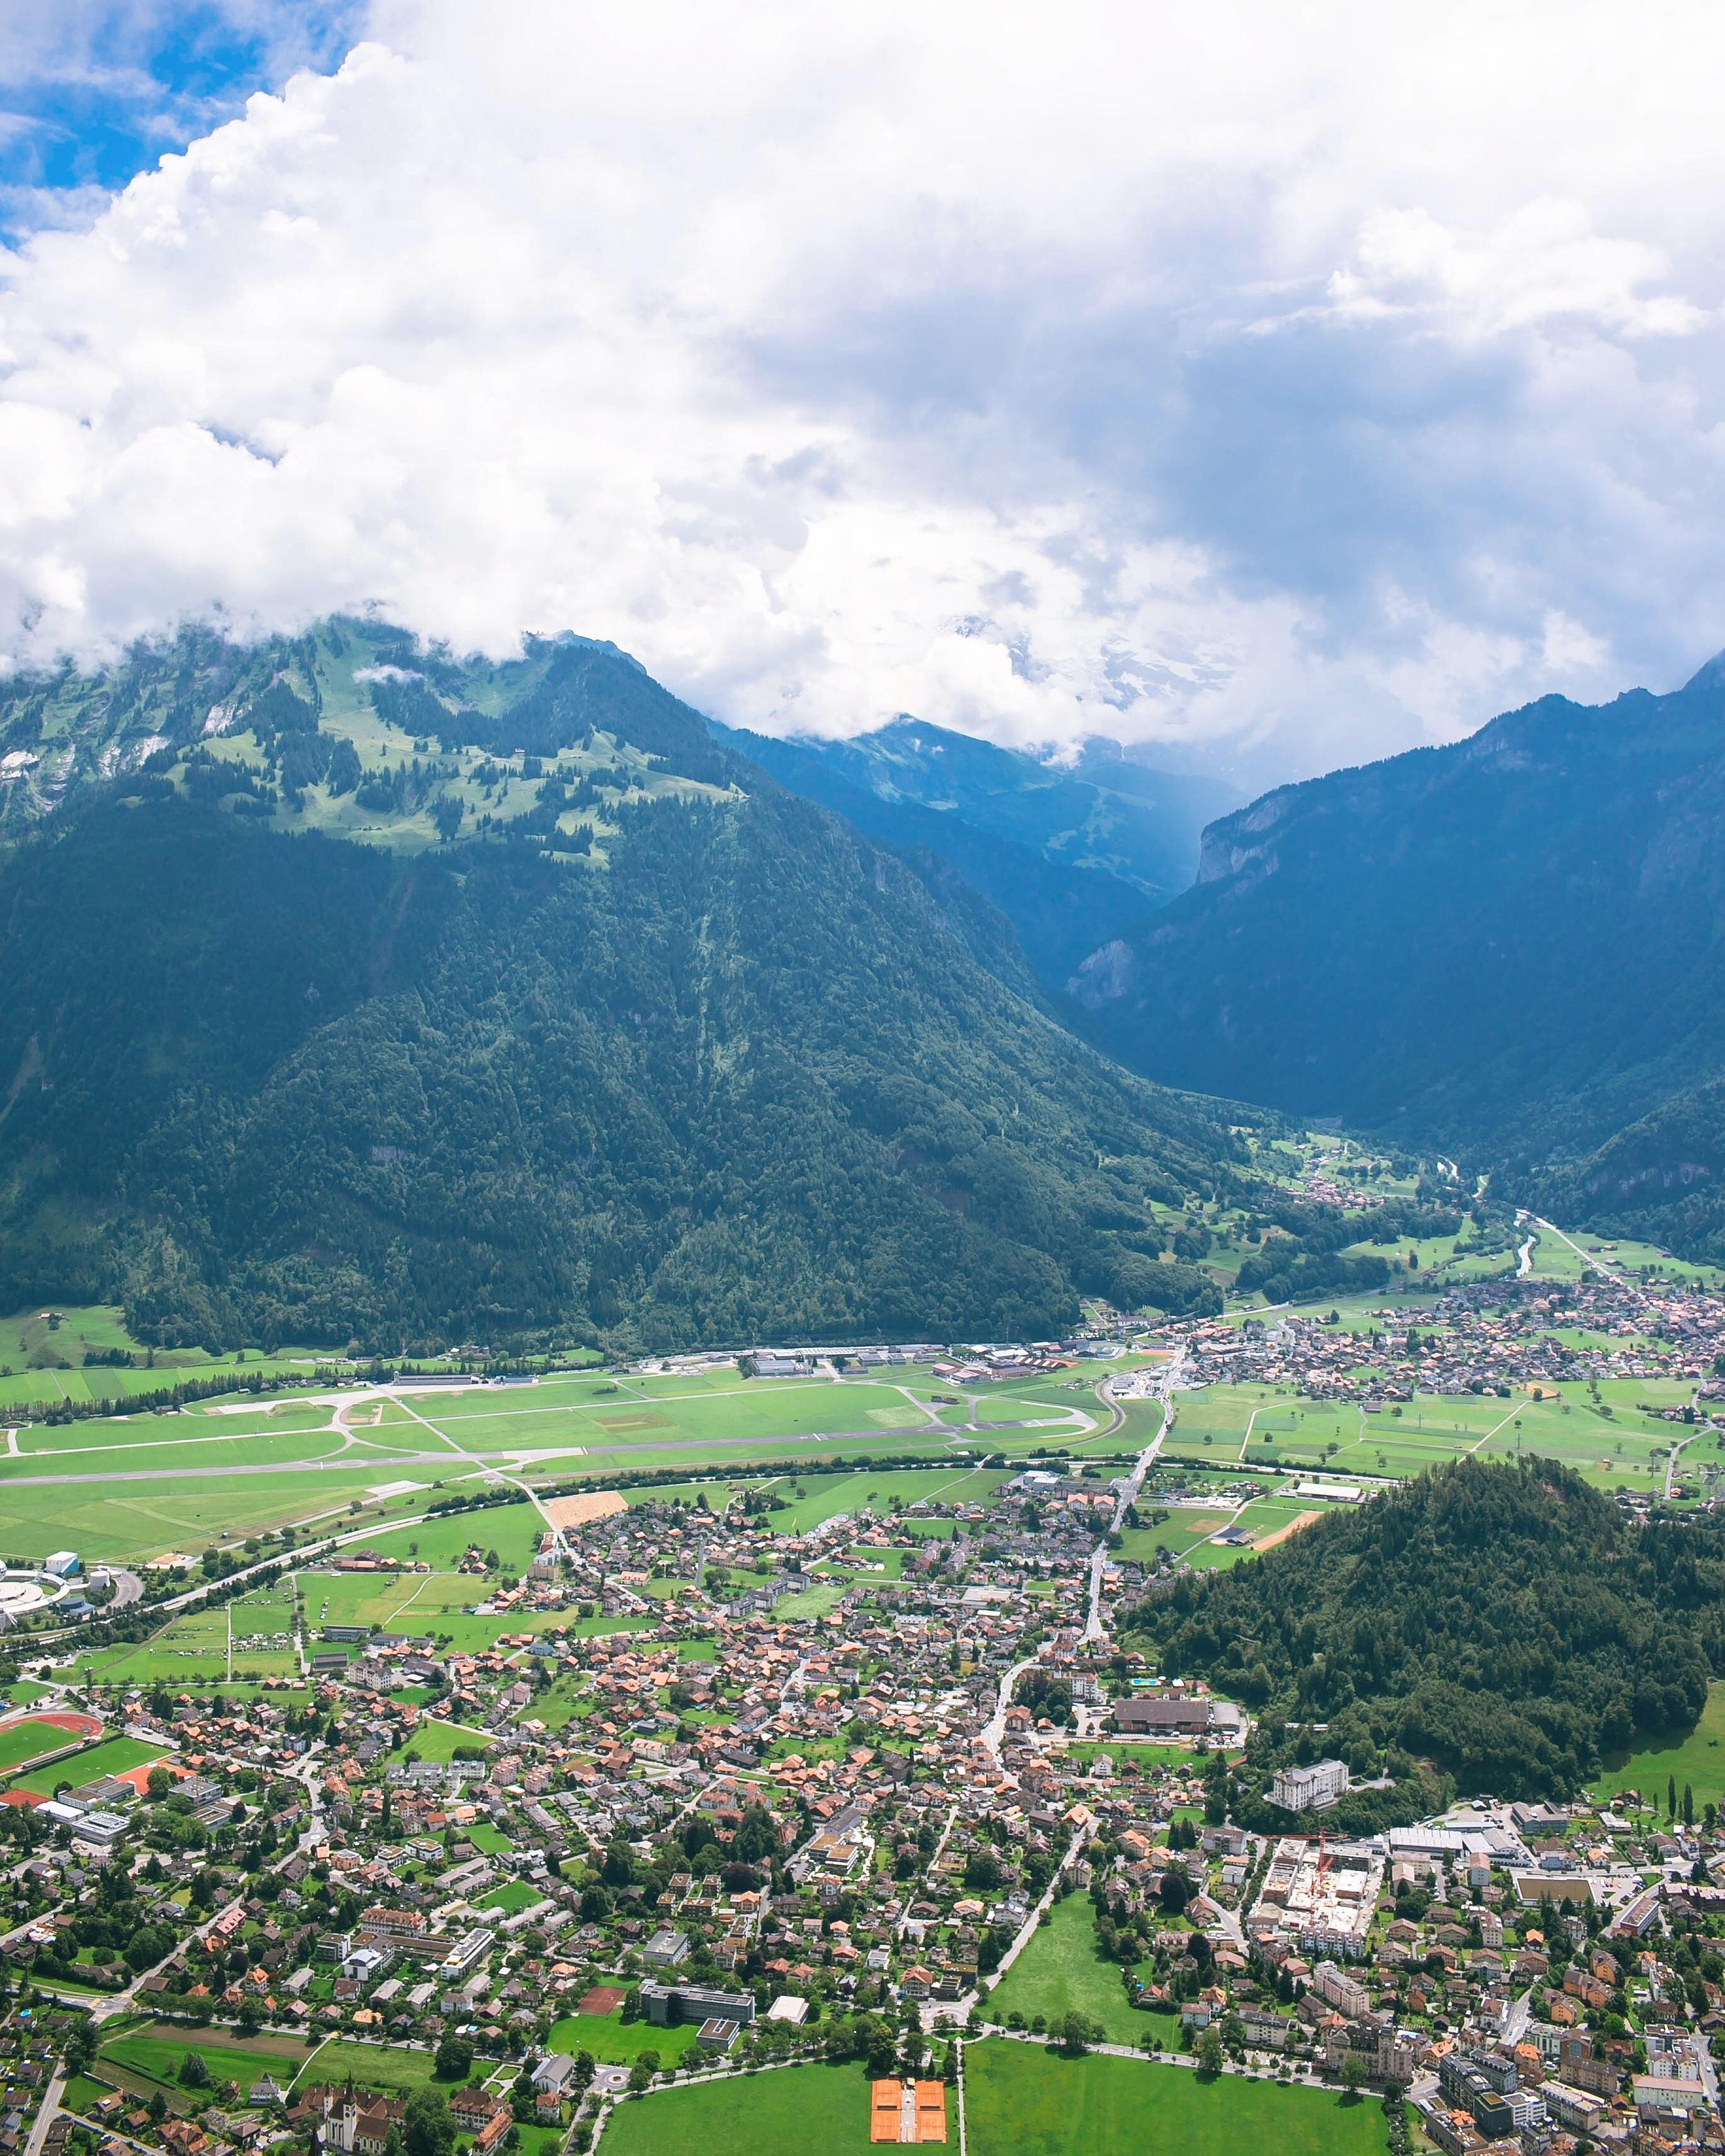 Interlaken, Switzerland from above